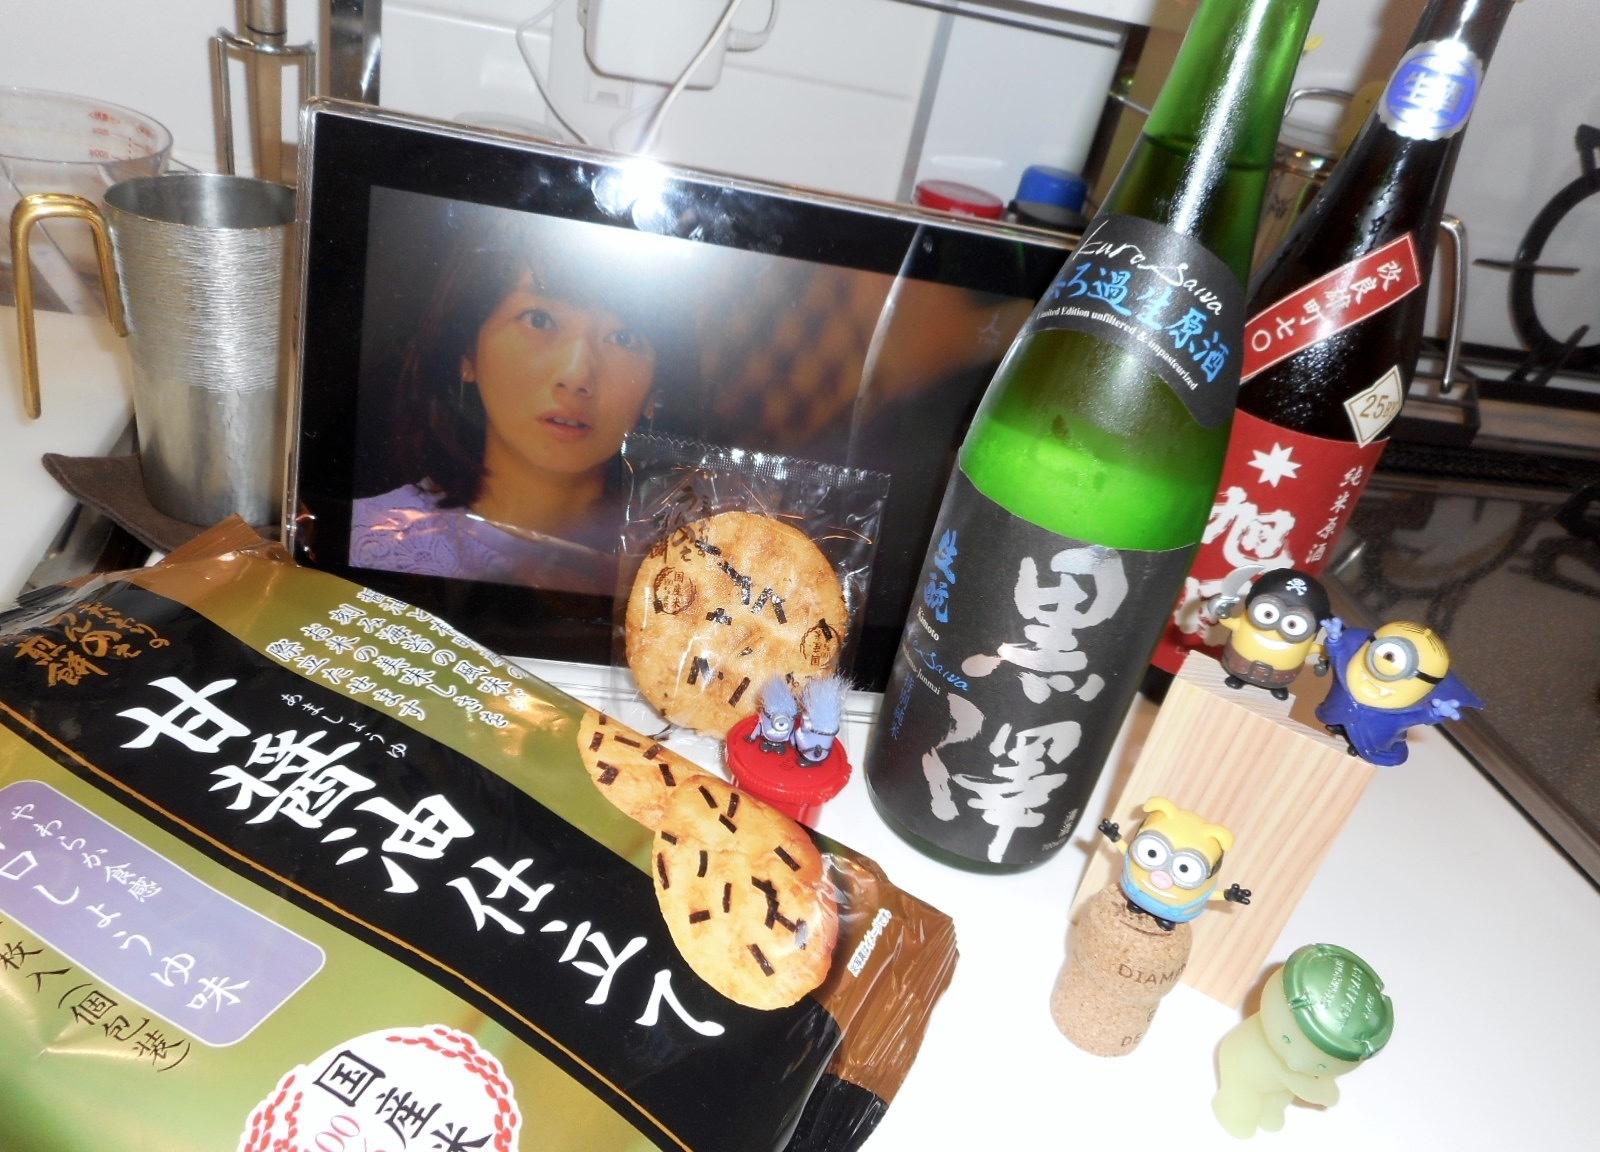 kurosawa_tokujun_nama28by1.jpg